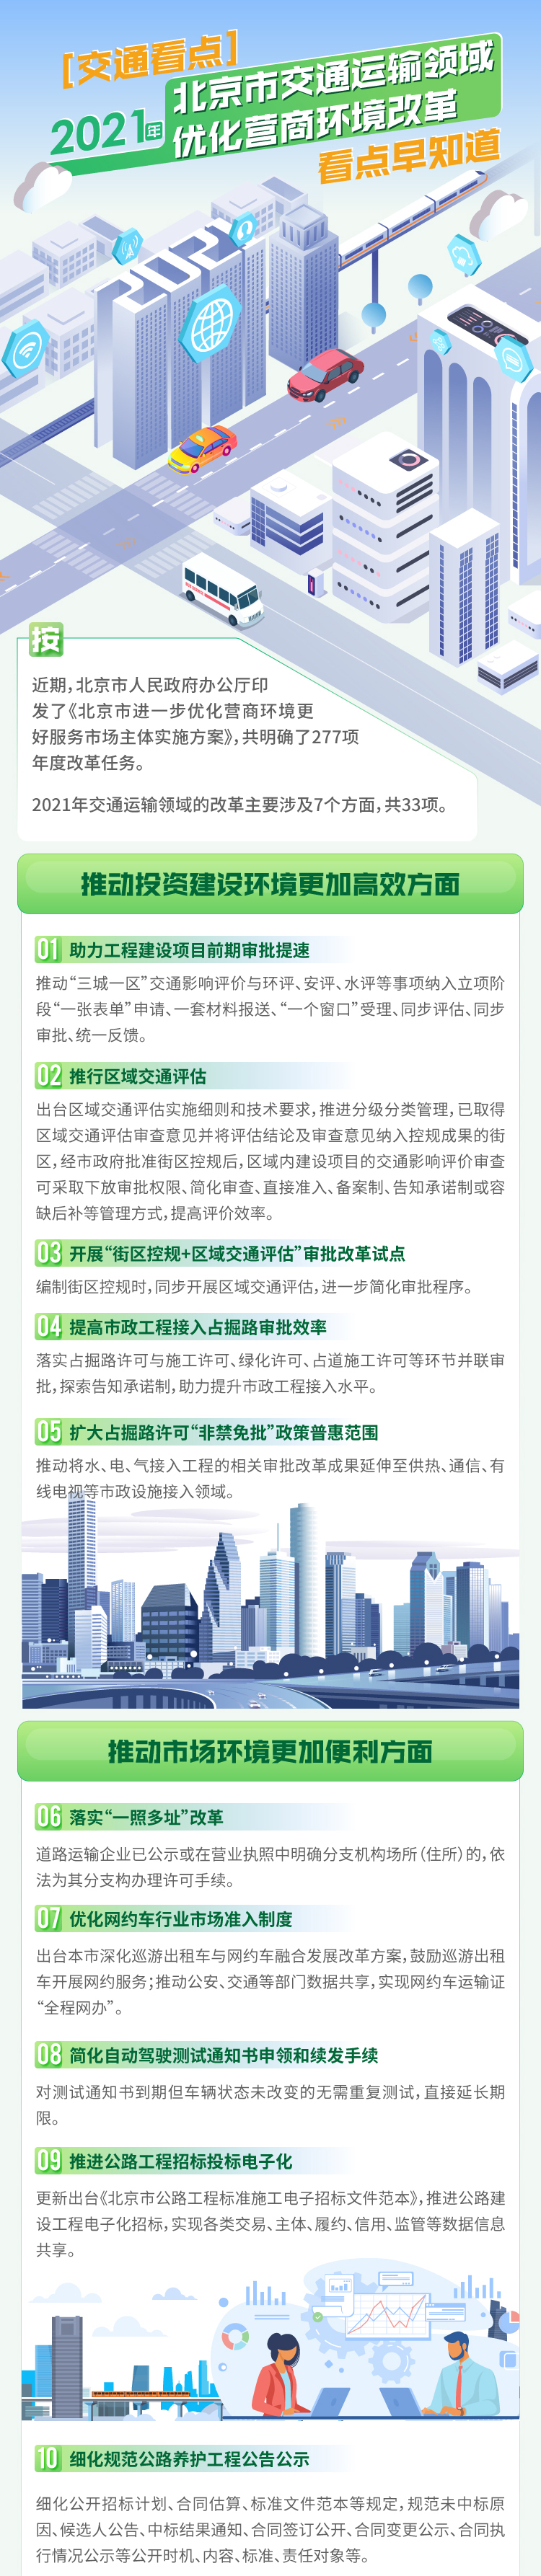 一图读懂:2021年北京交通运输领域优化营商环境改革要点图片